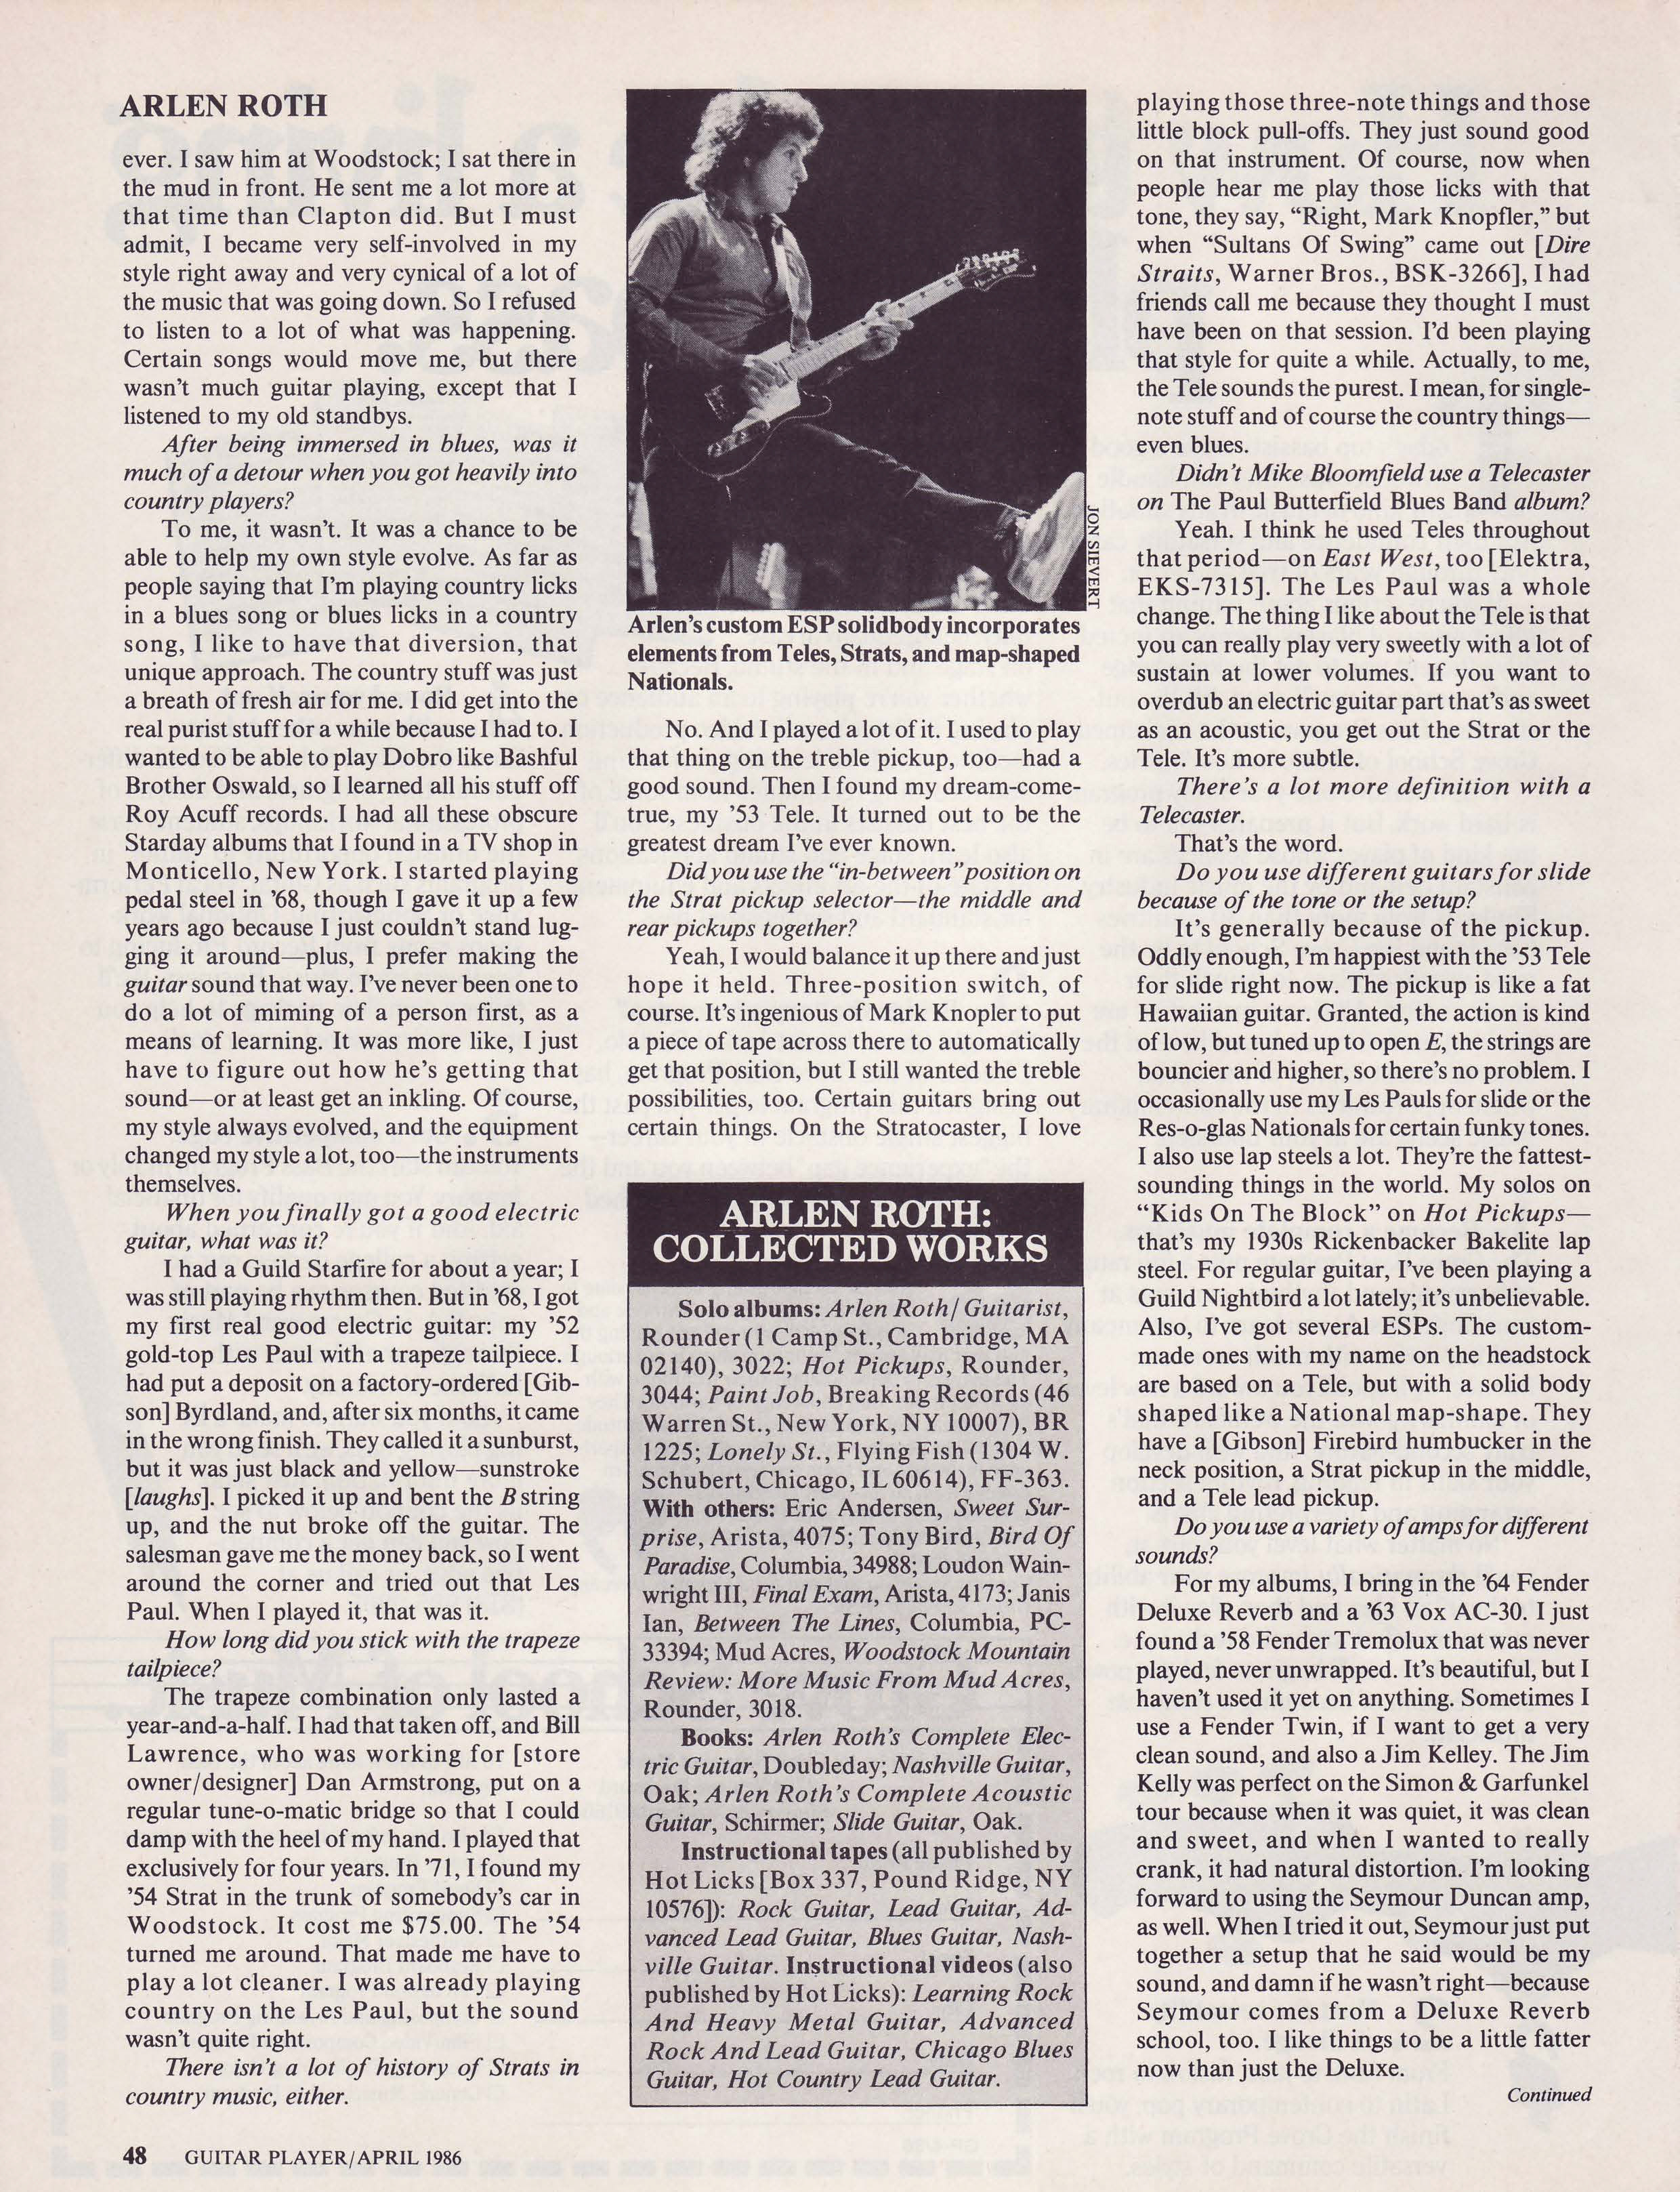 Arlen_Roth_Interview_-_Guitar_Player-4.jpg